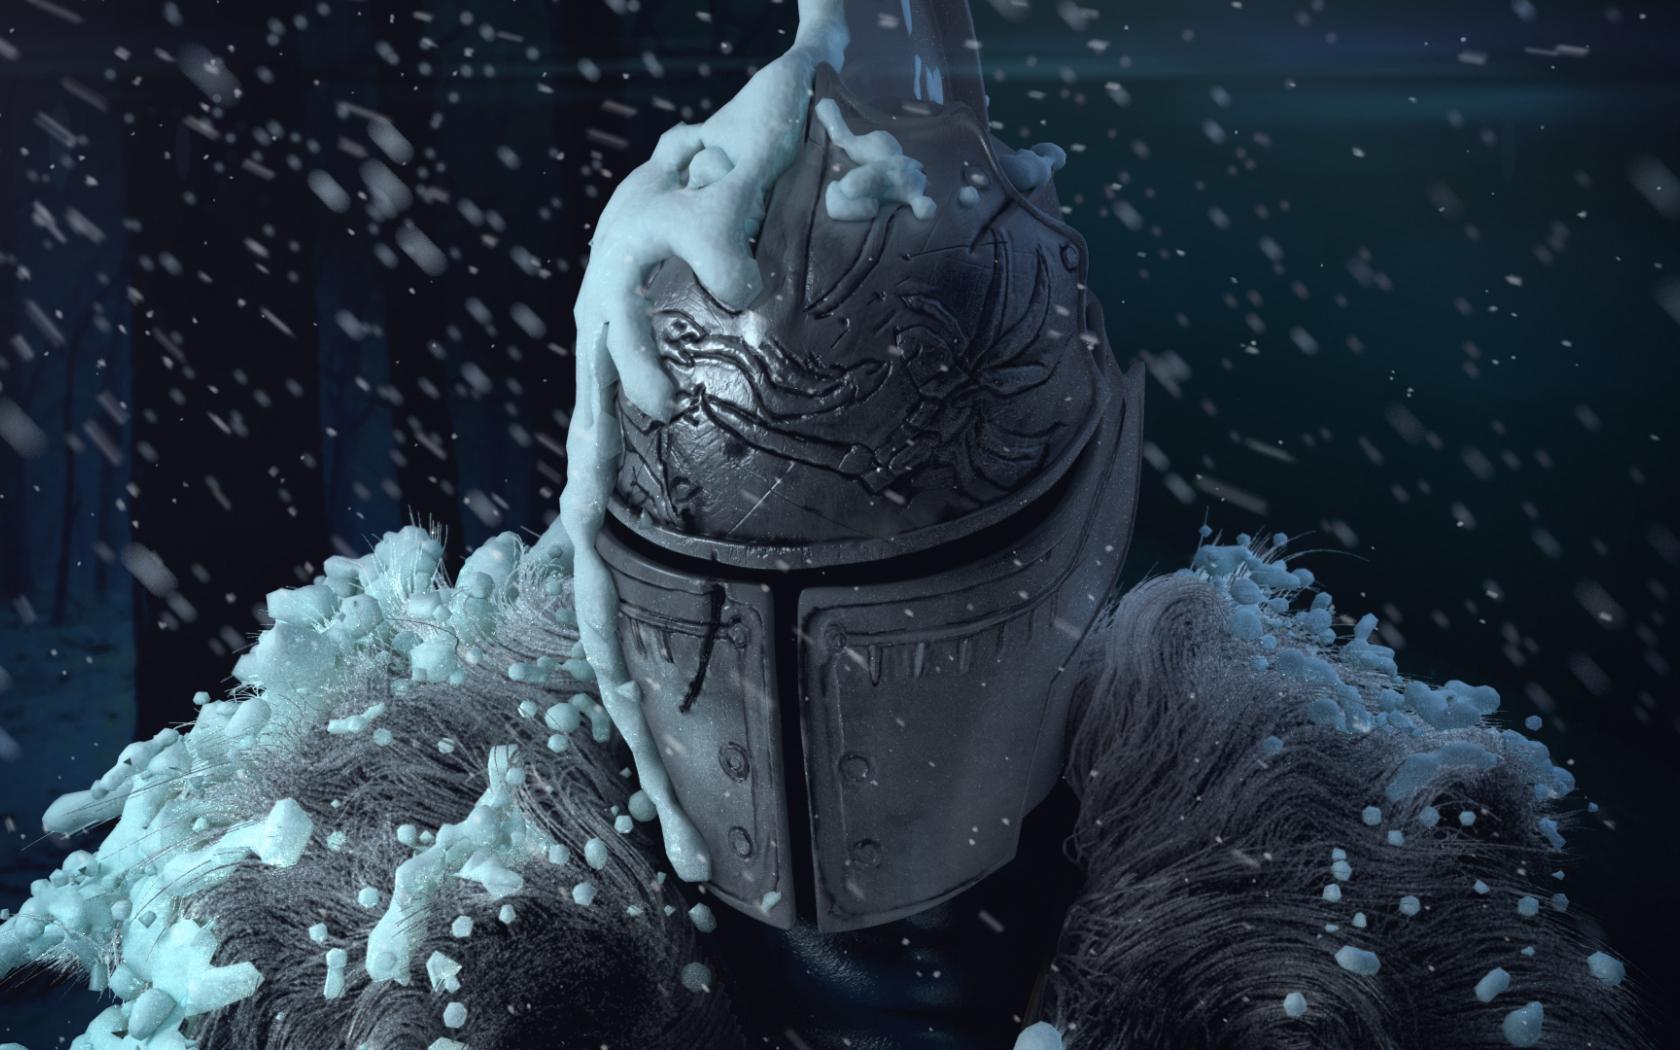 Free Download Dark Souls Fan Art On Snow By Deivuu Digital Art 3